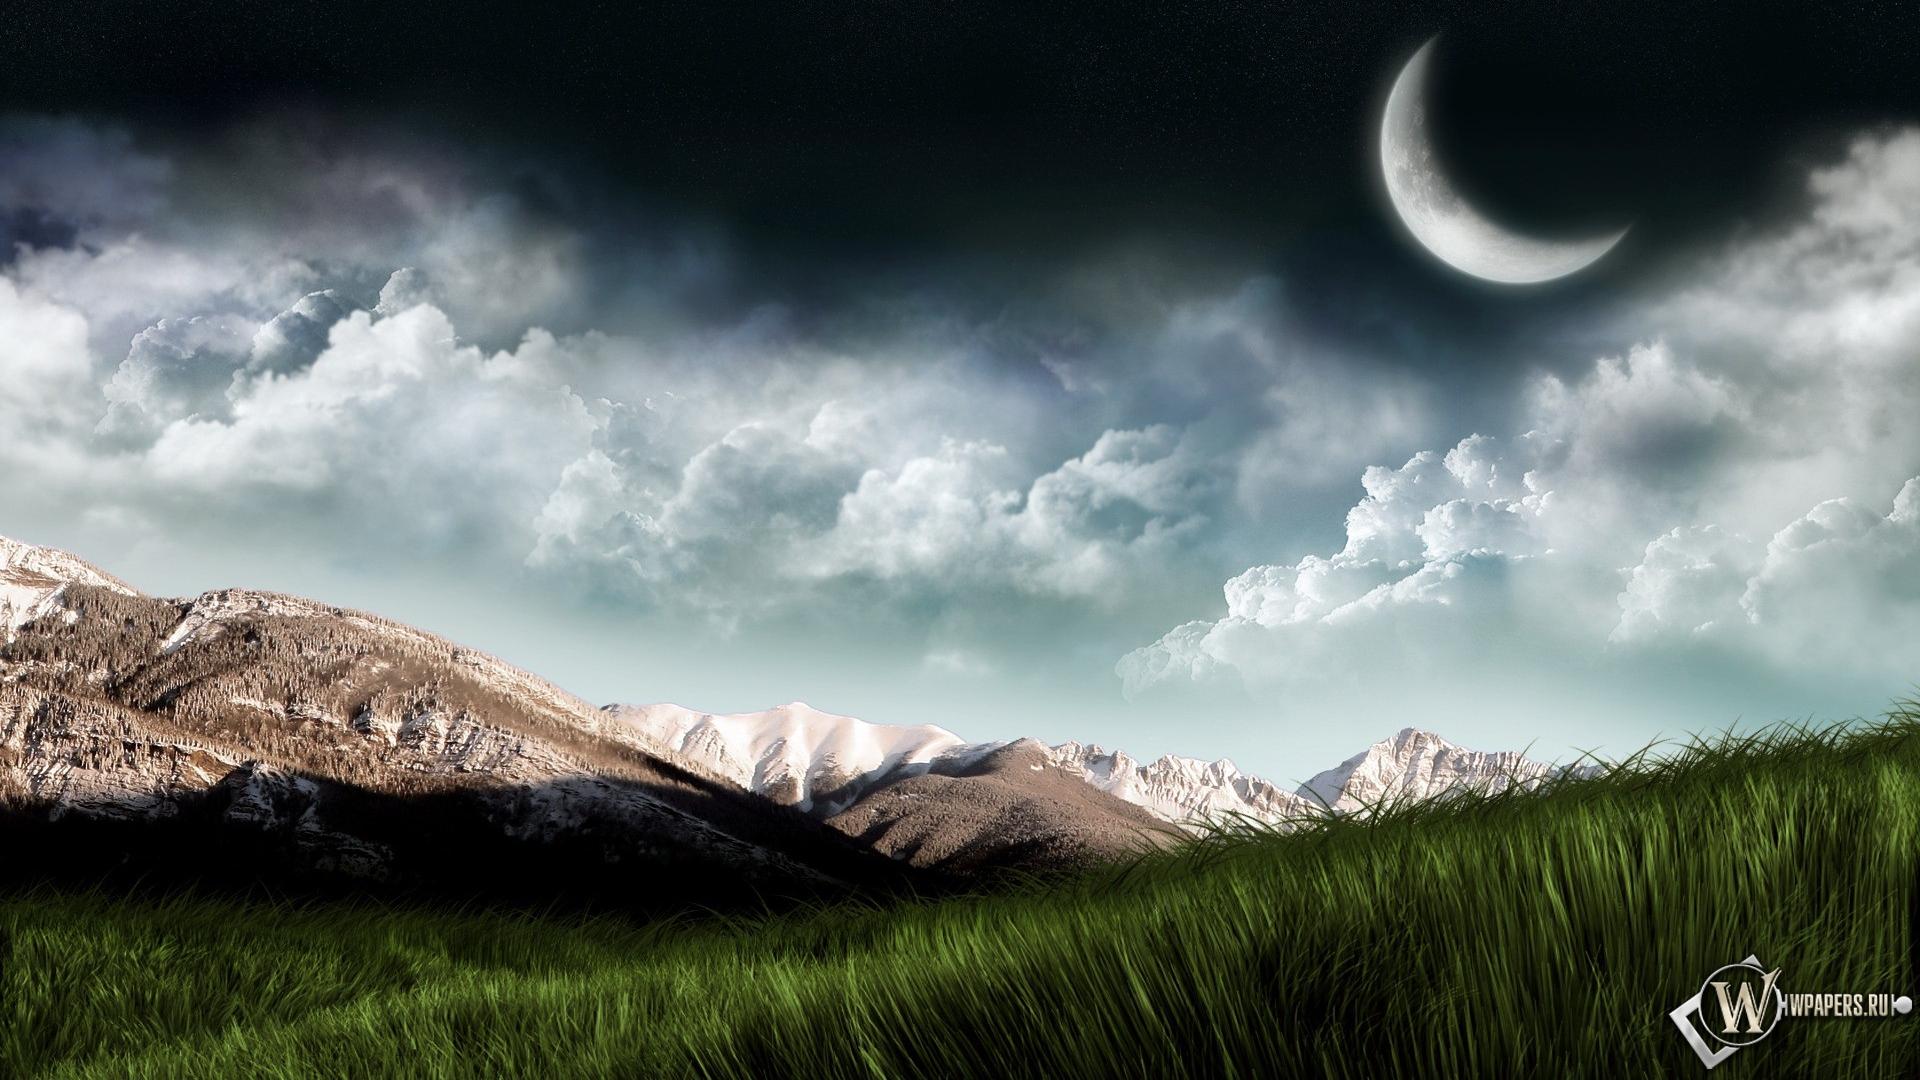 Обои пейзаж горы планета трава небо